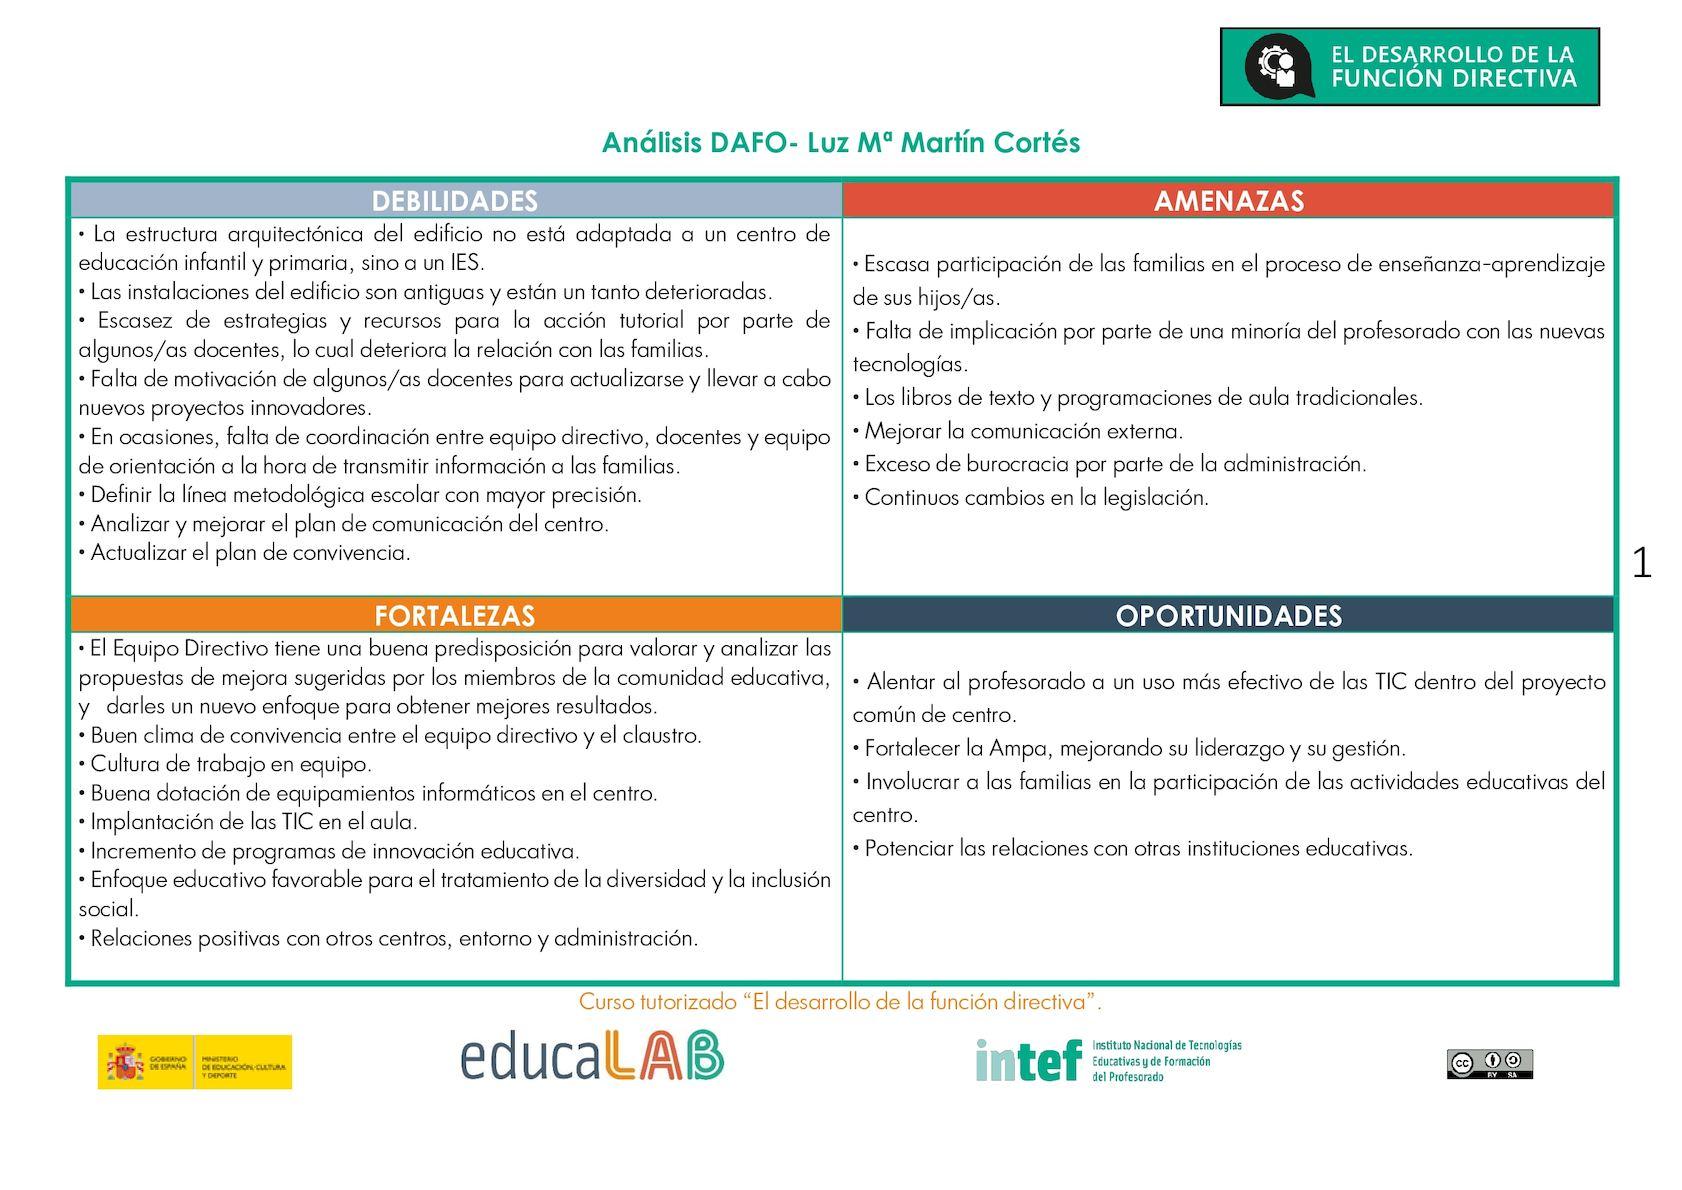 Calaméo Análisis Dafo Centro Educativo